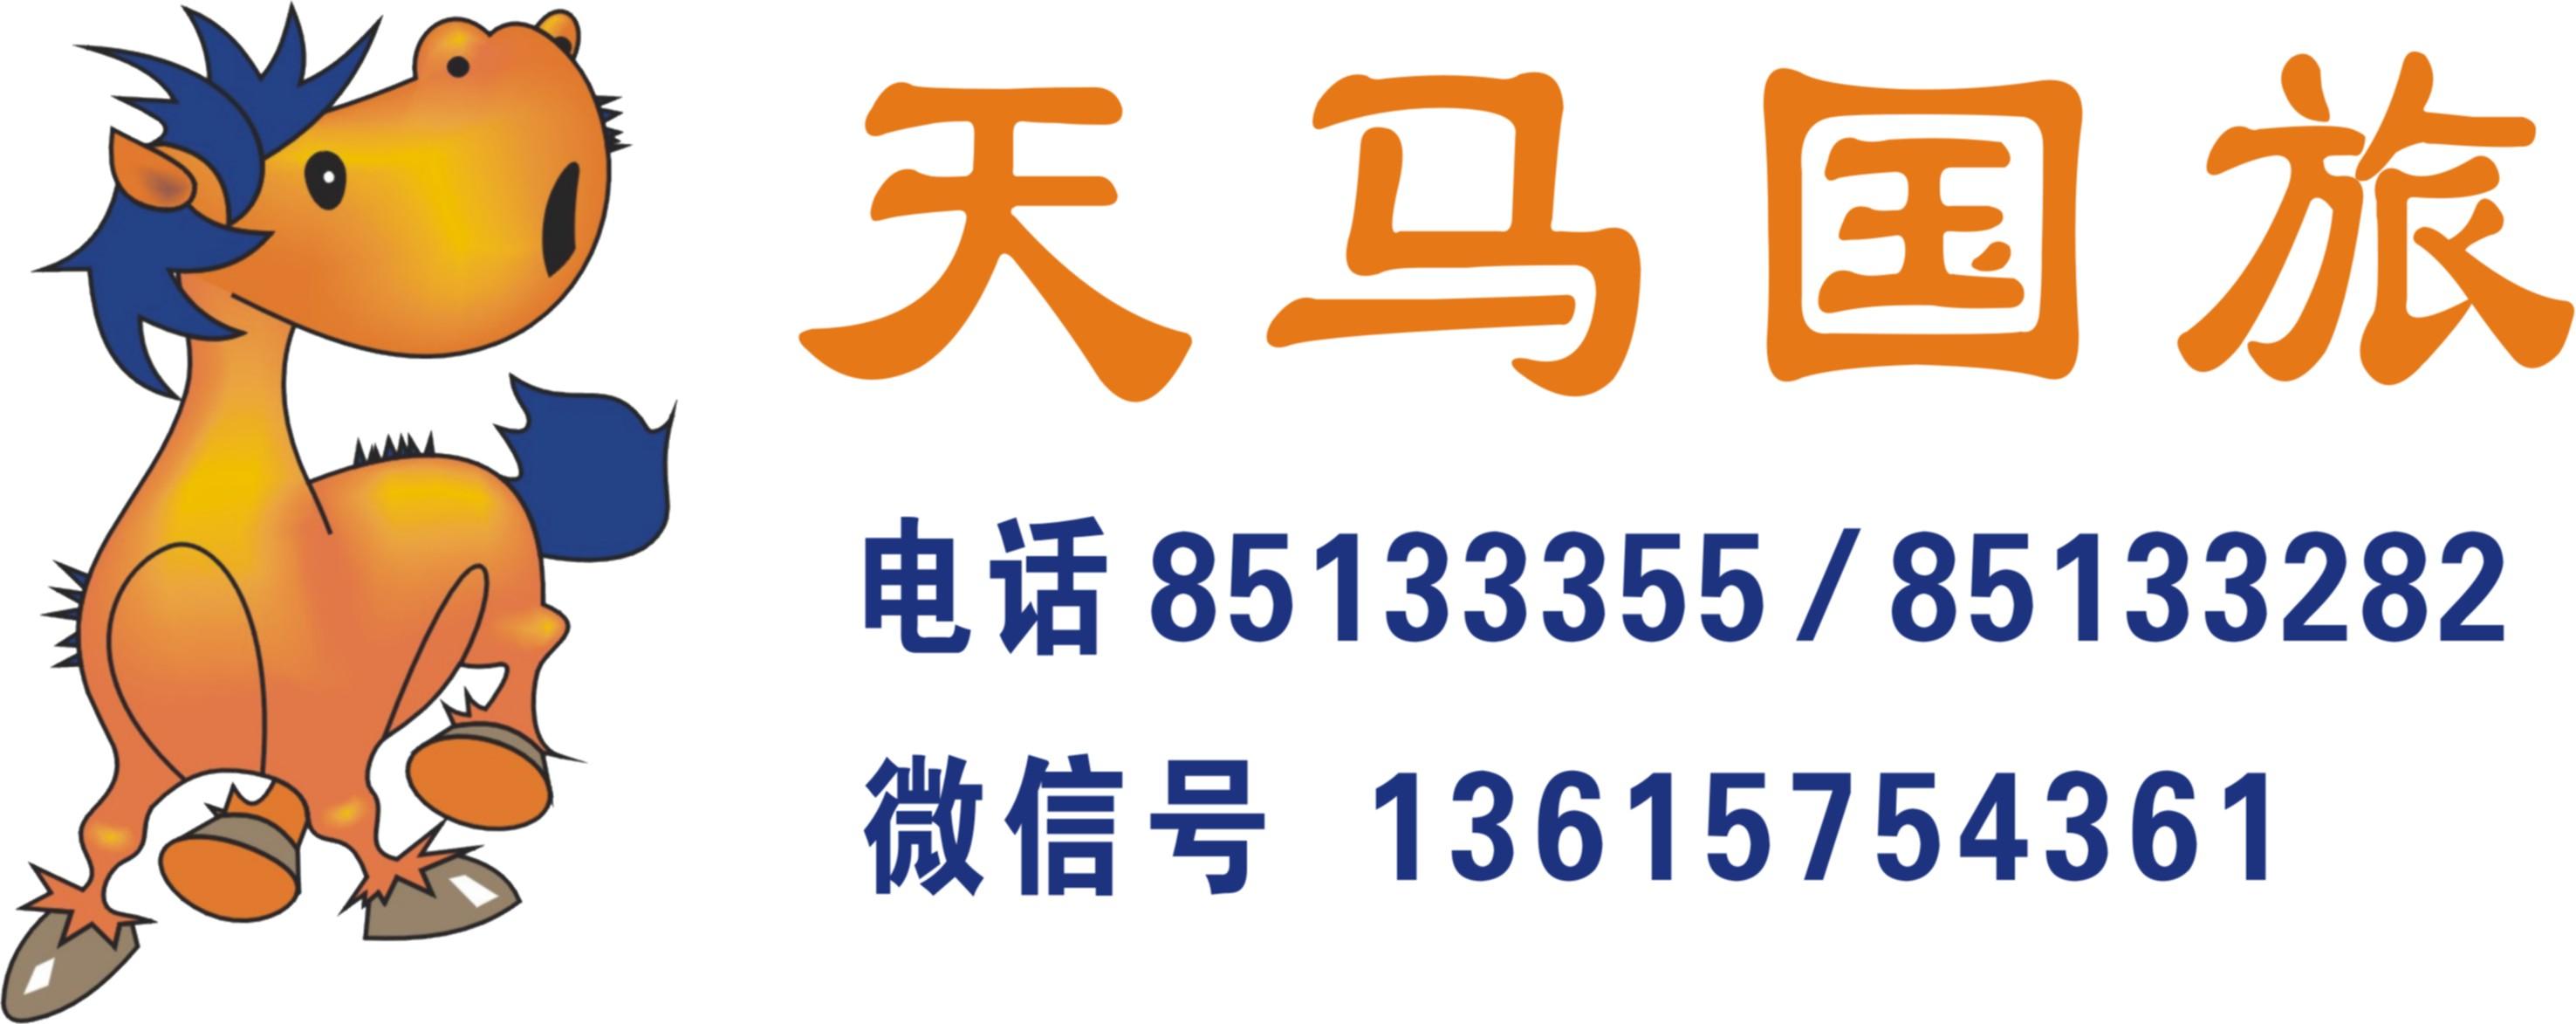 11.24【临海涌泉蜜桔采摘、登古长城、长屿硐天二日】赠蜜桔